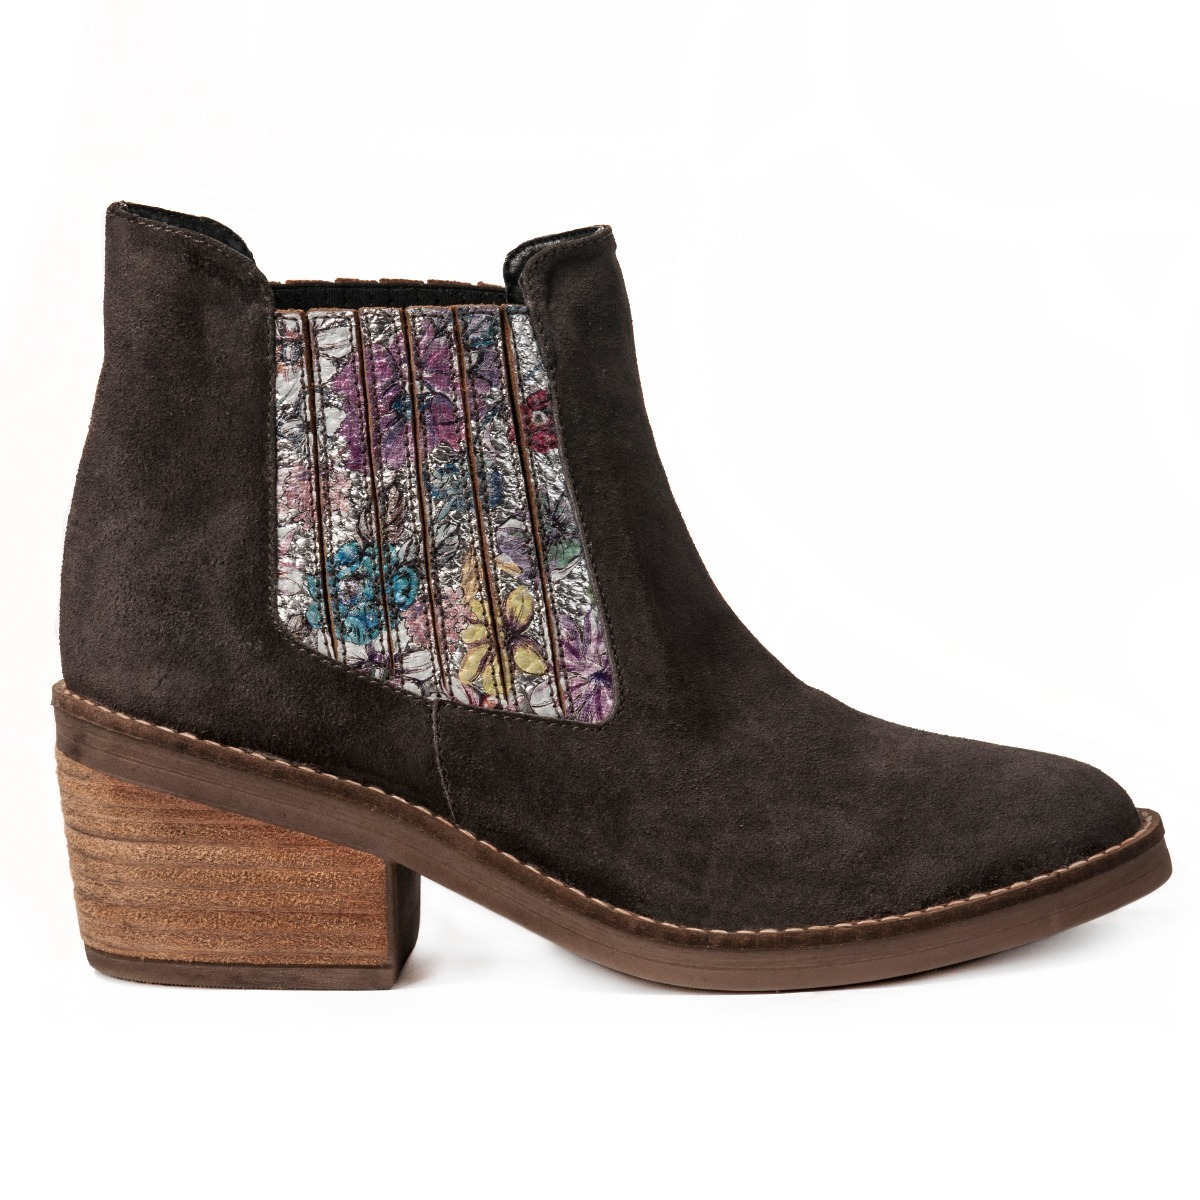 92fe316f74098 bota suela goma taco ancho cuero mujer gris elastico flores. Cargando zoom.